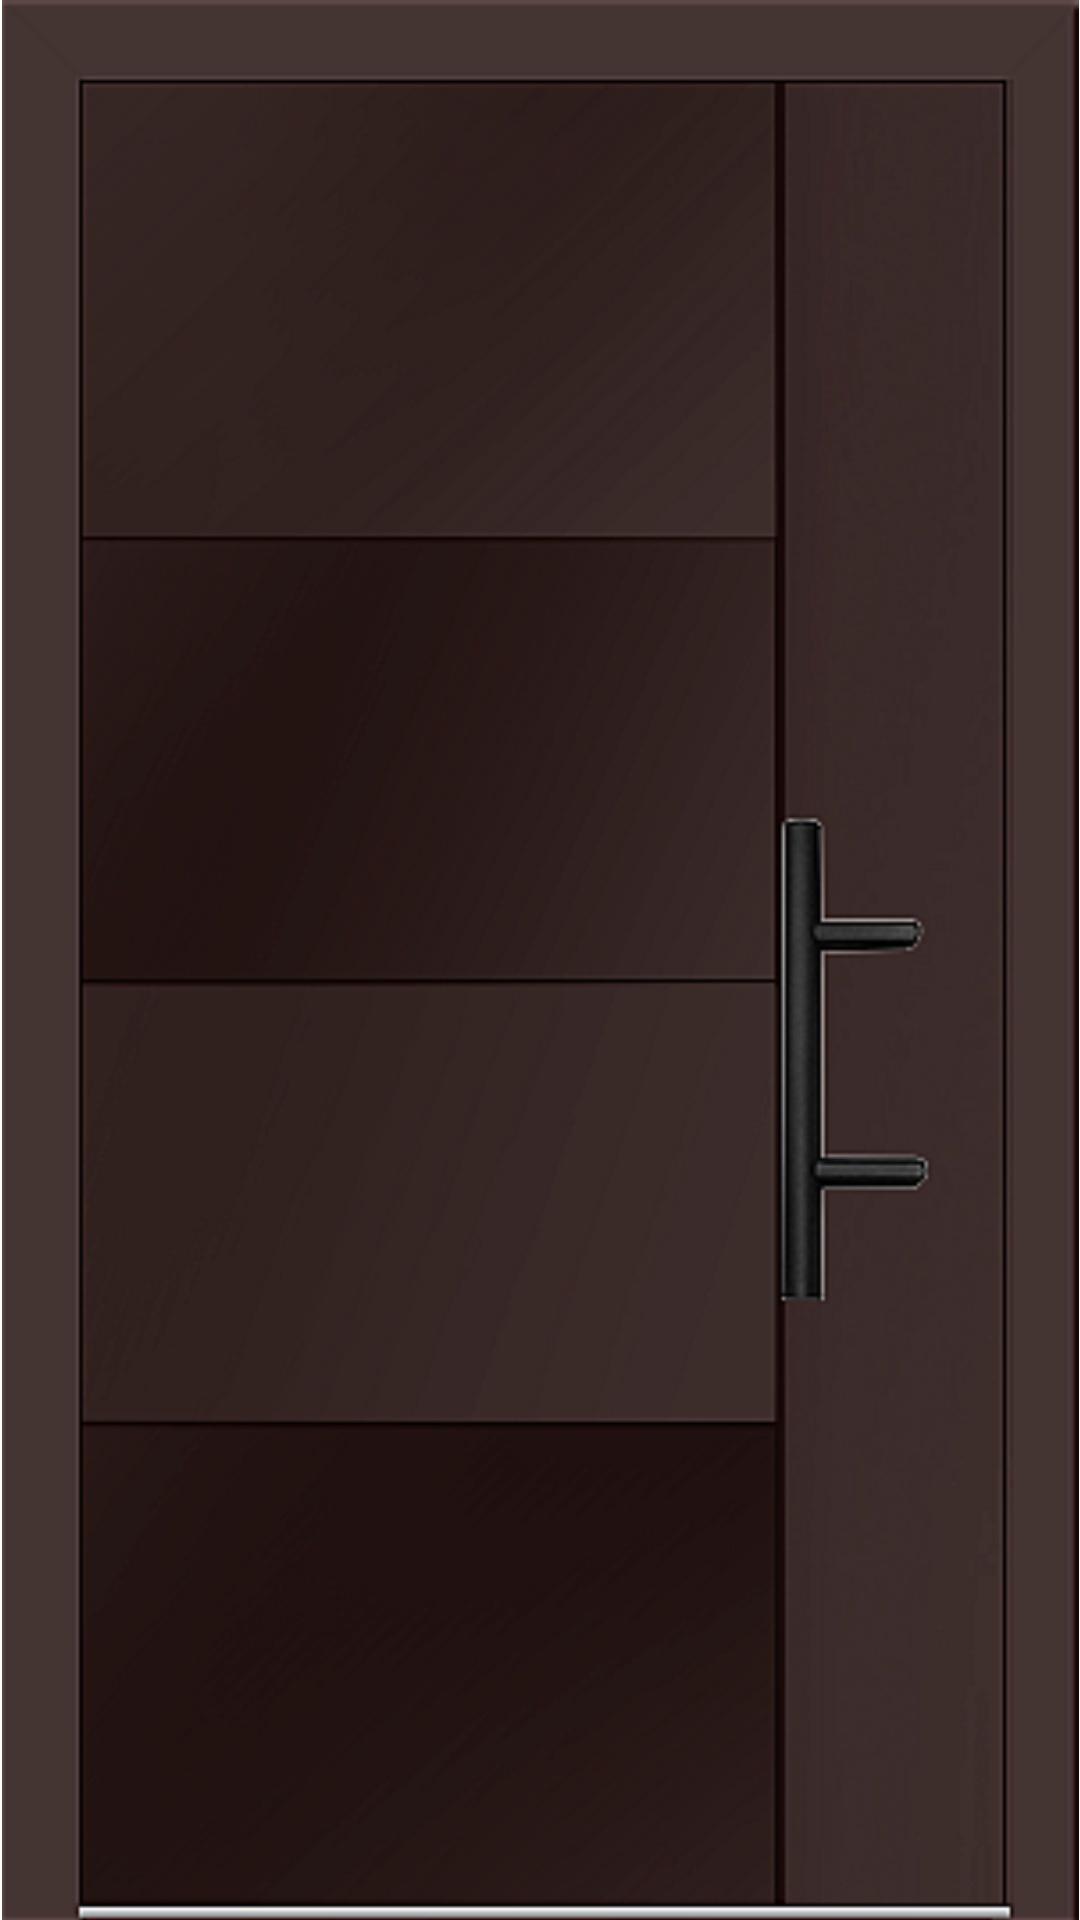 Holz-Alu Haustür Modell 66874 mahagonibraun